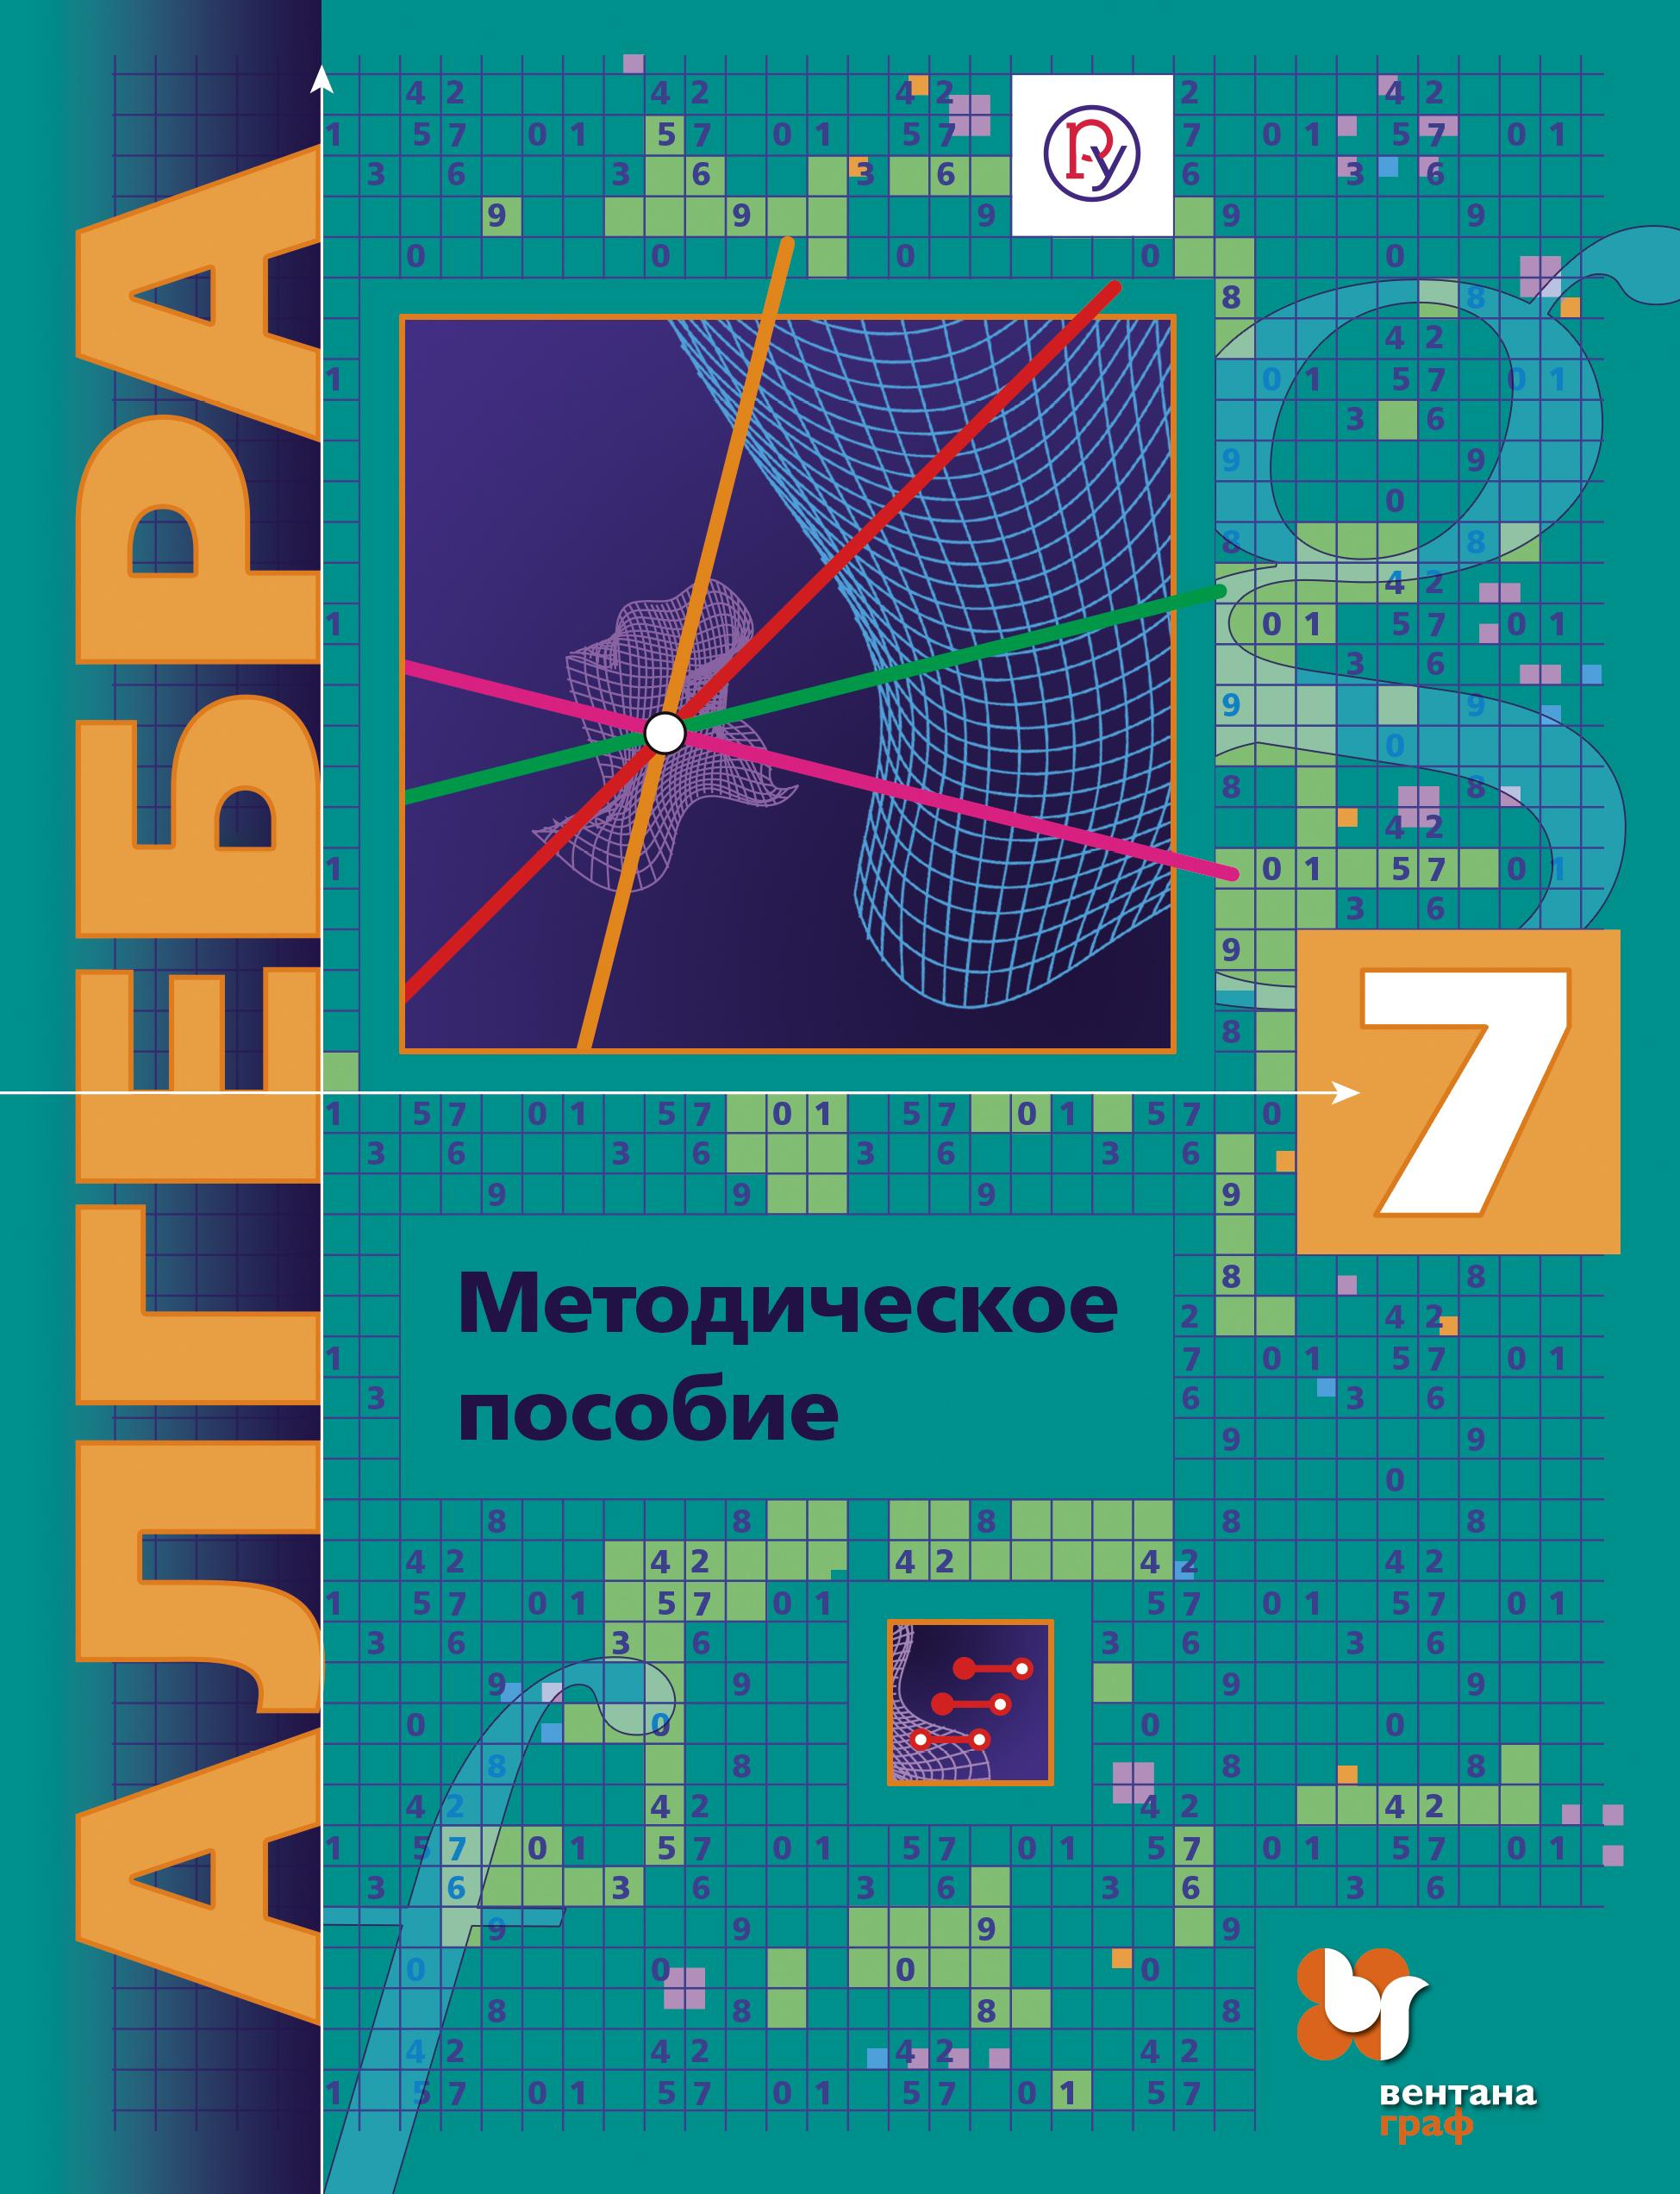 Алгебра (углубленное изучение). 7класс. Методическое пособие. ( Буцко Е.В., Мерзляк А.Г., Полонский В.Б.  )